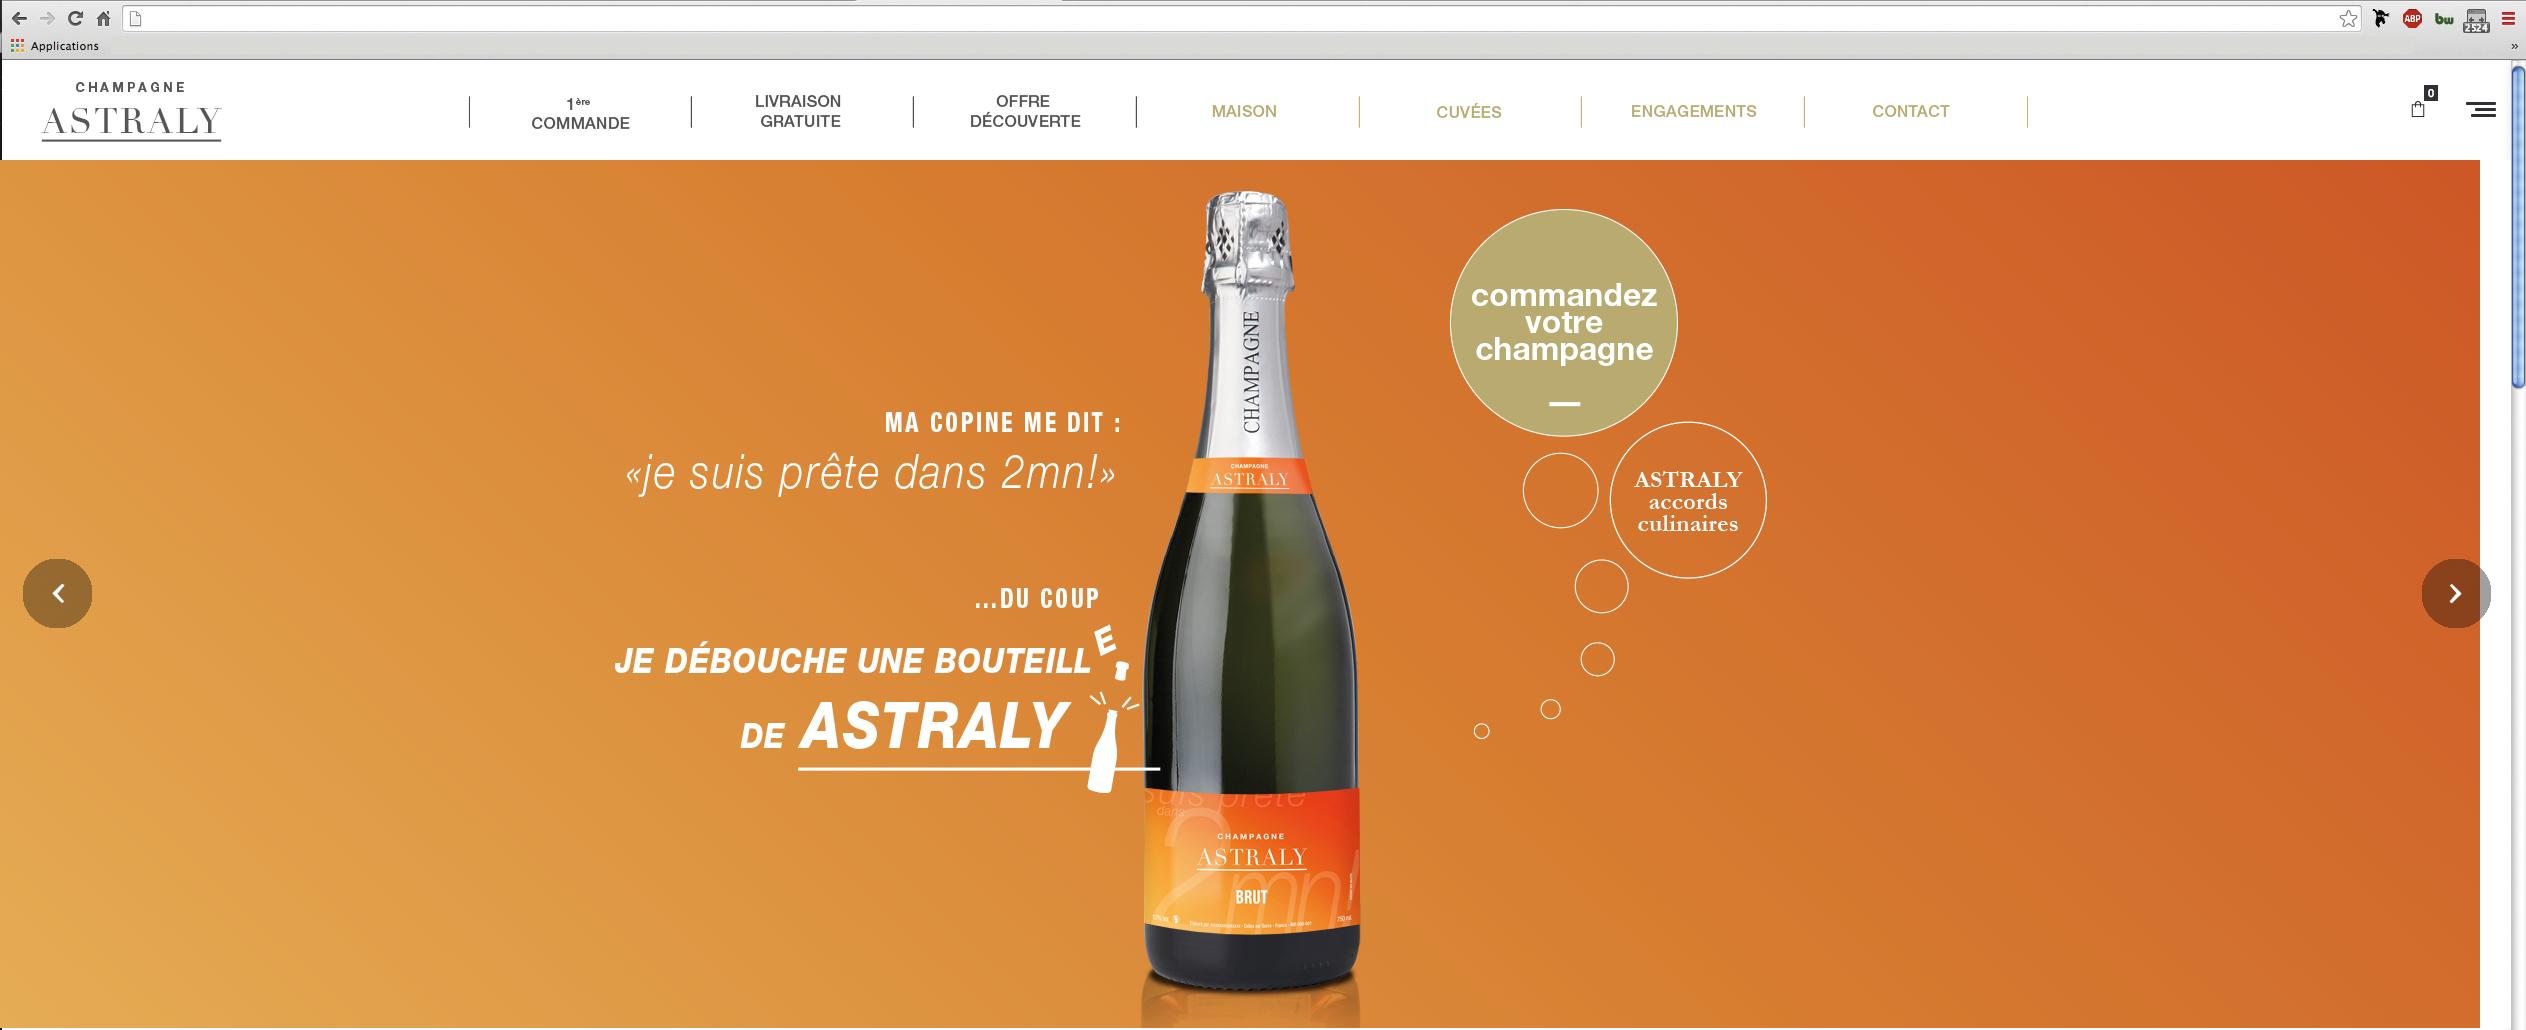 Lancement de Produit ,Lancement Champagne ASTRALY - Evénementiel